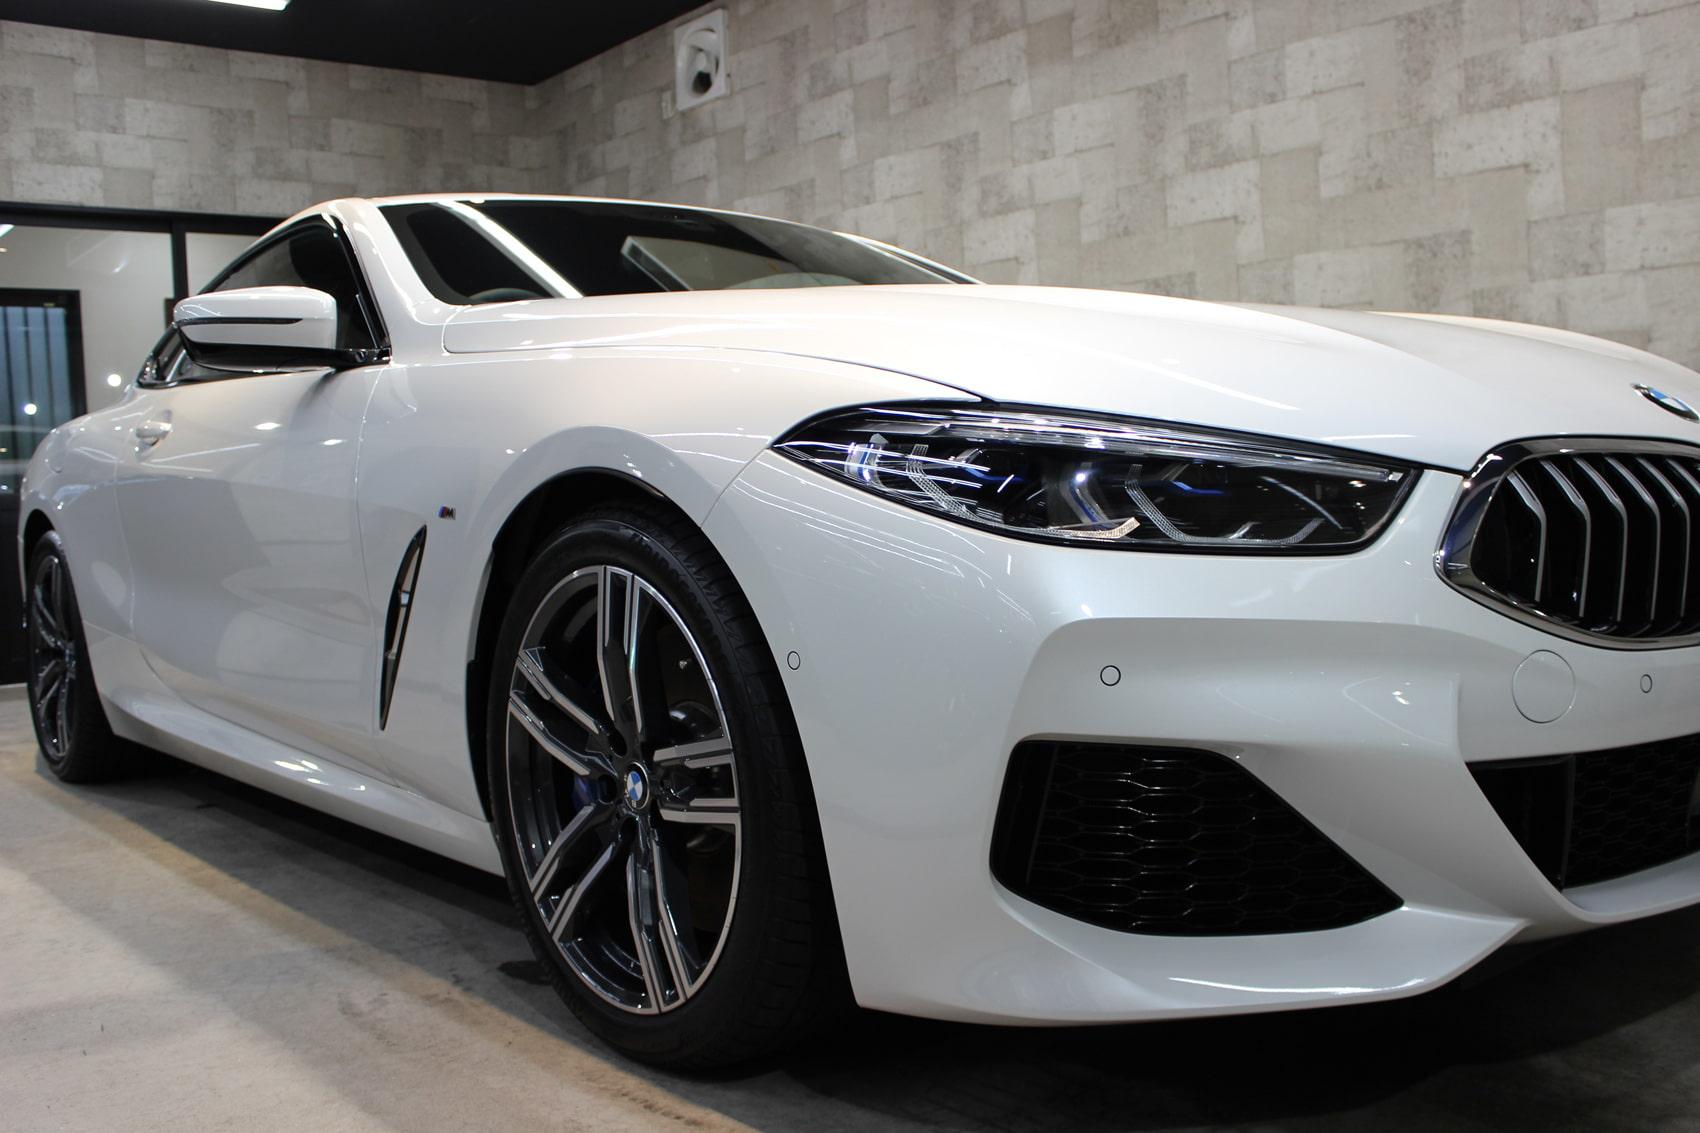 BMW 840iクーペ ミネラルホワイト ヘッドライト